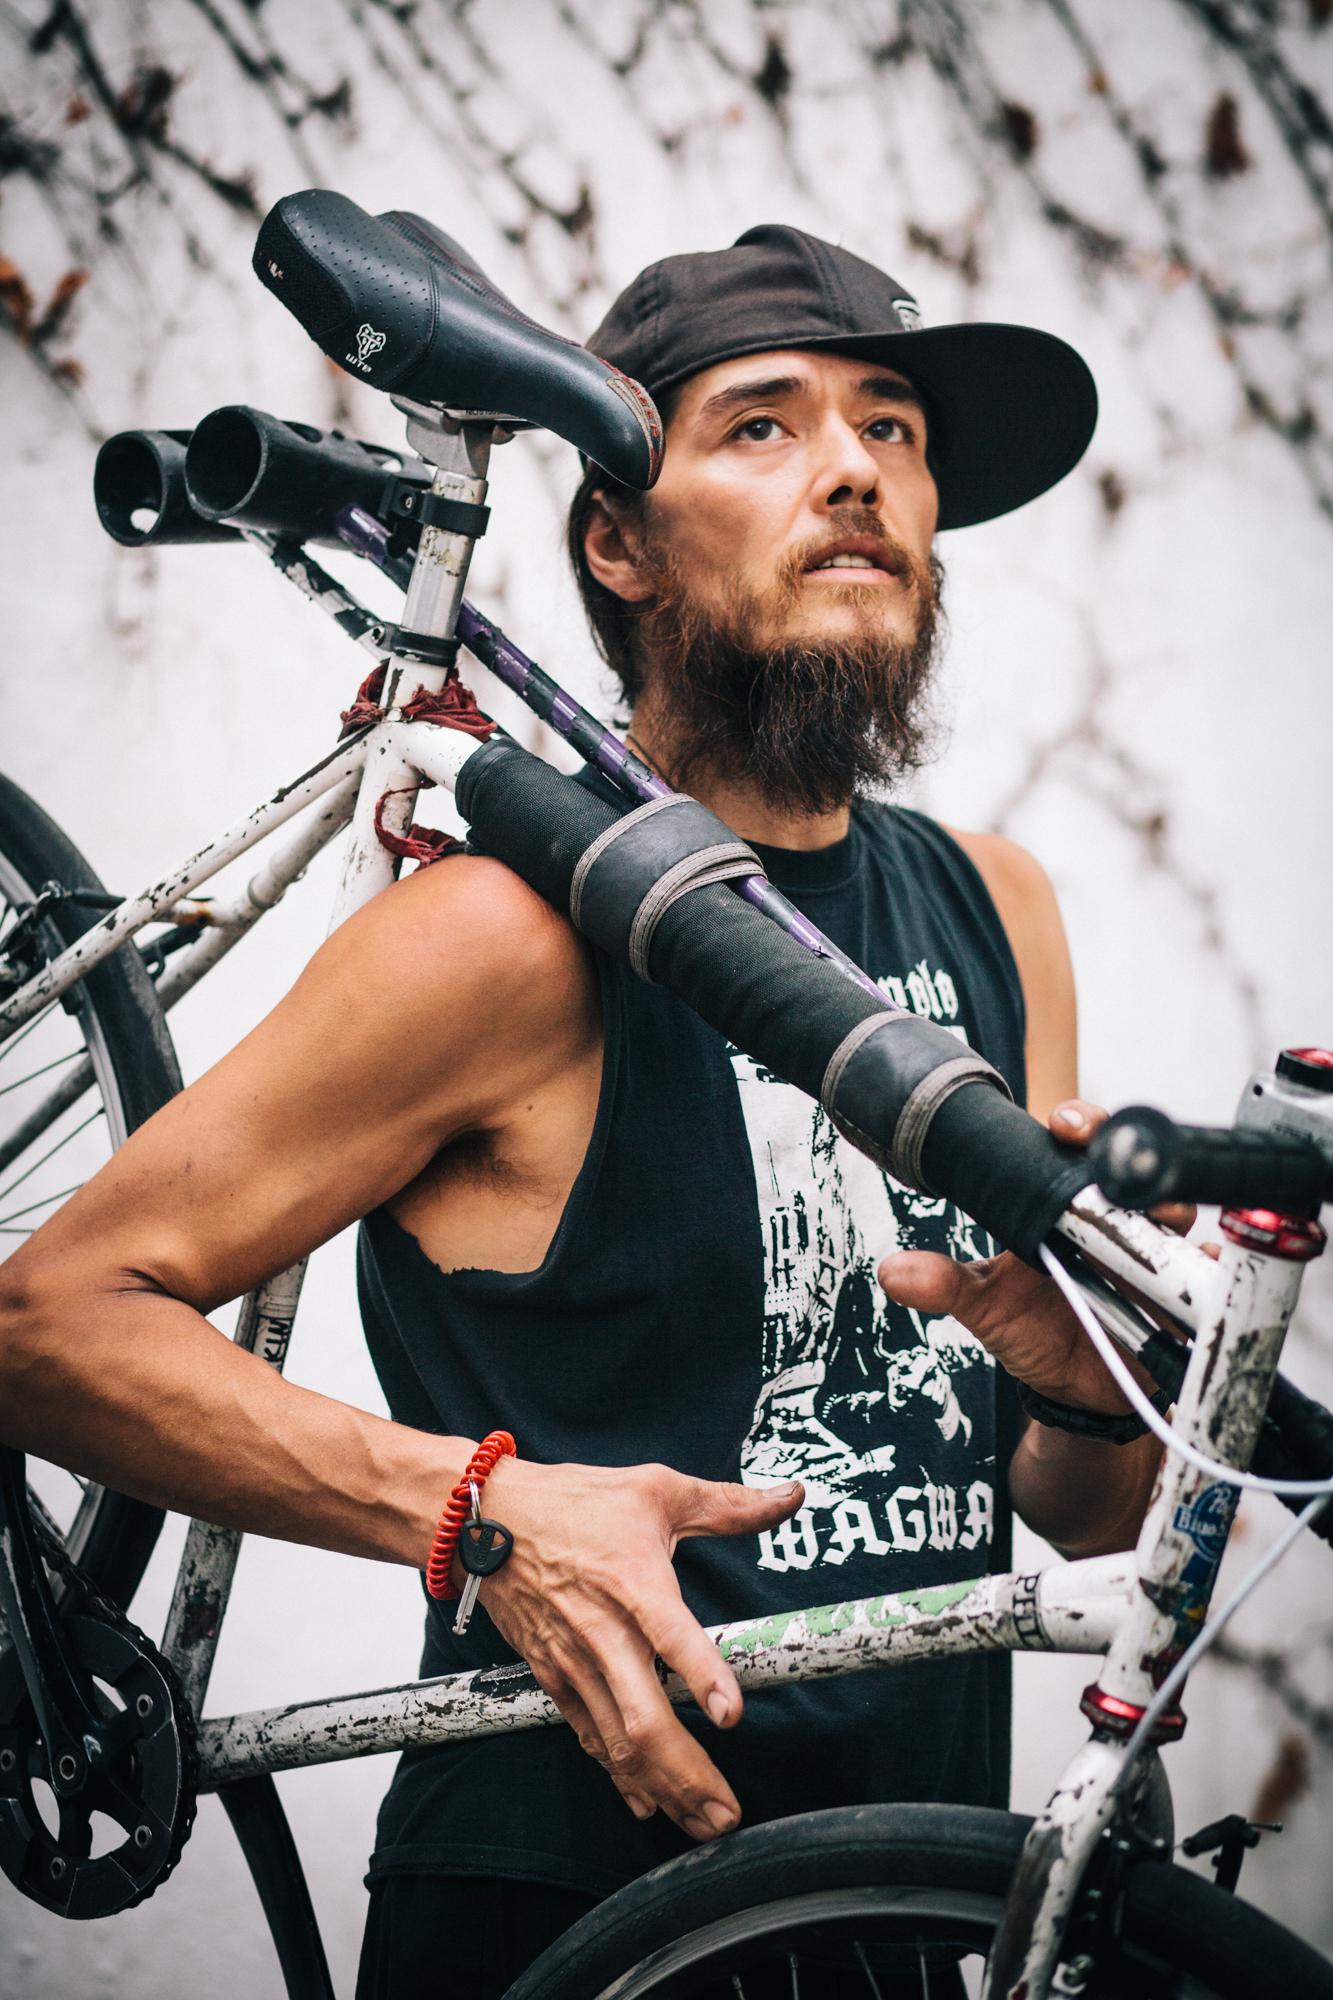 bikestyle-20.jpg